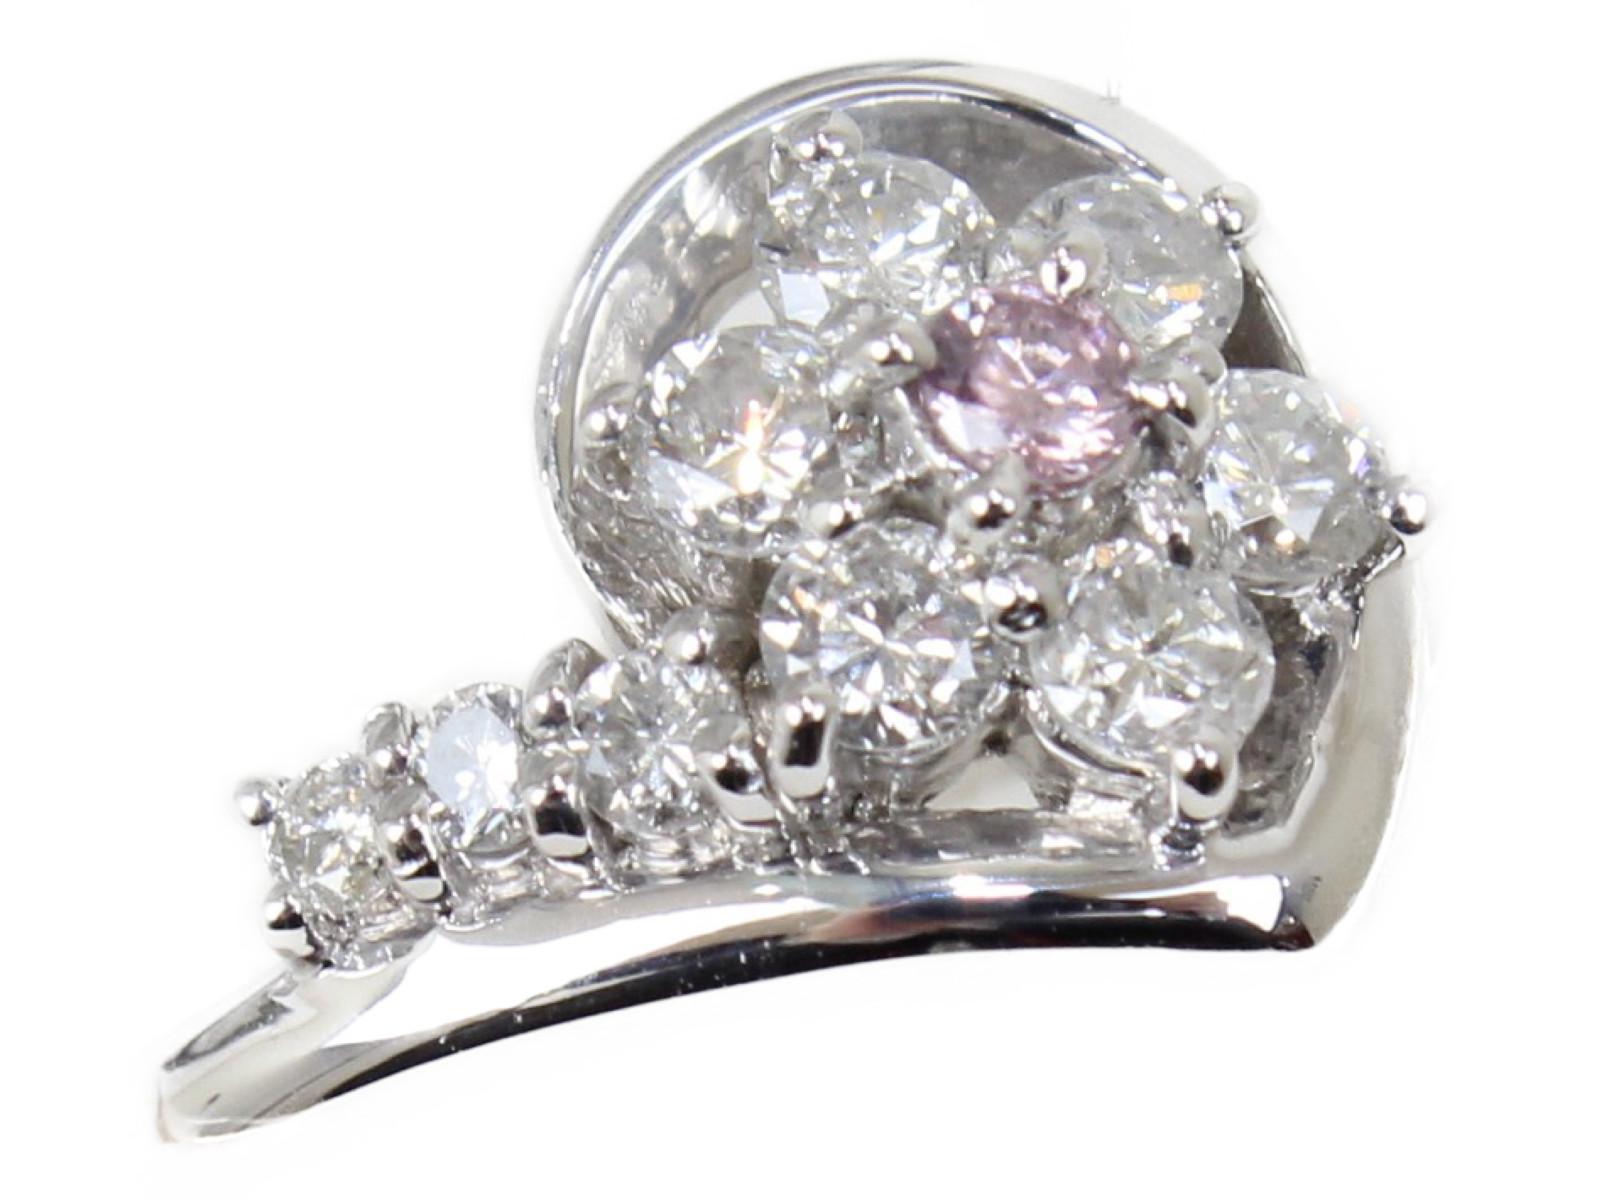 【新品仕上げ済☆】フラワーダイヤモンドリングダイヤモンド0.5ct Pt9006.2g 11号 上品 ギフト包装可【中古】